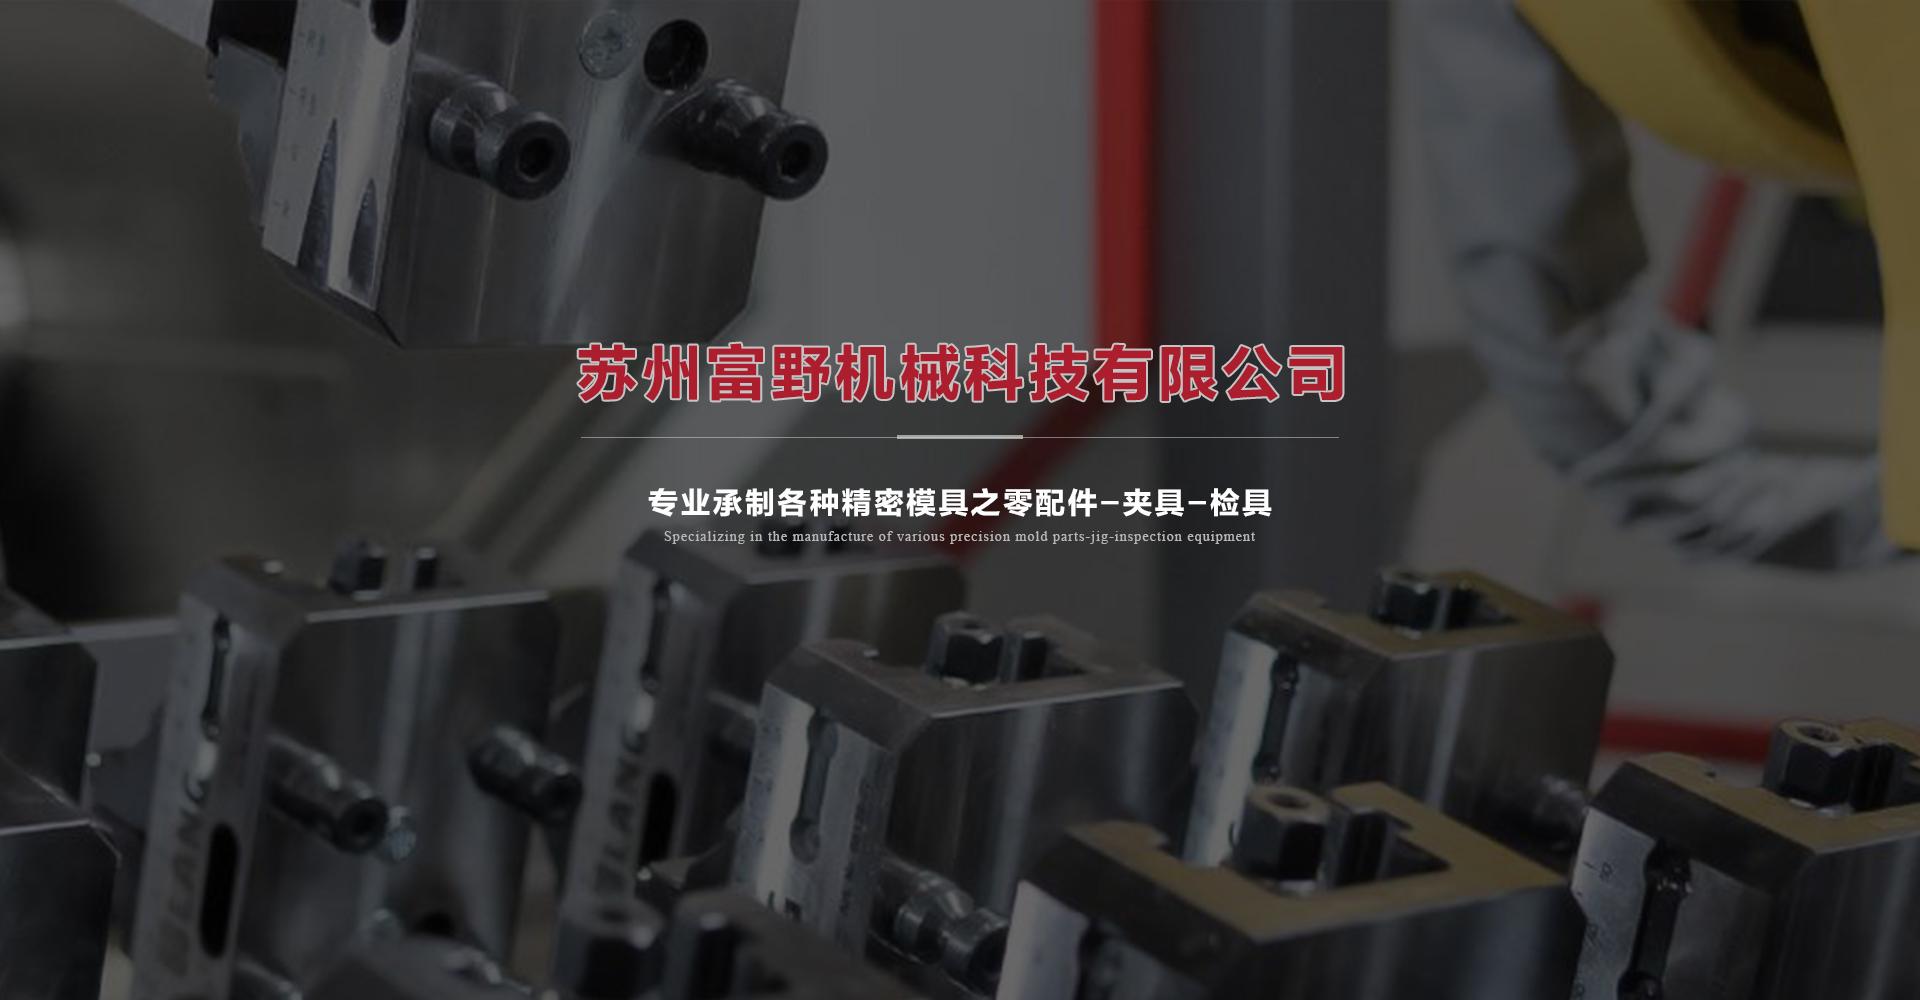 苏州富野机械科技有限公司